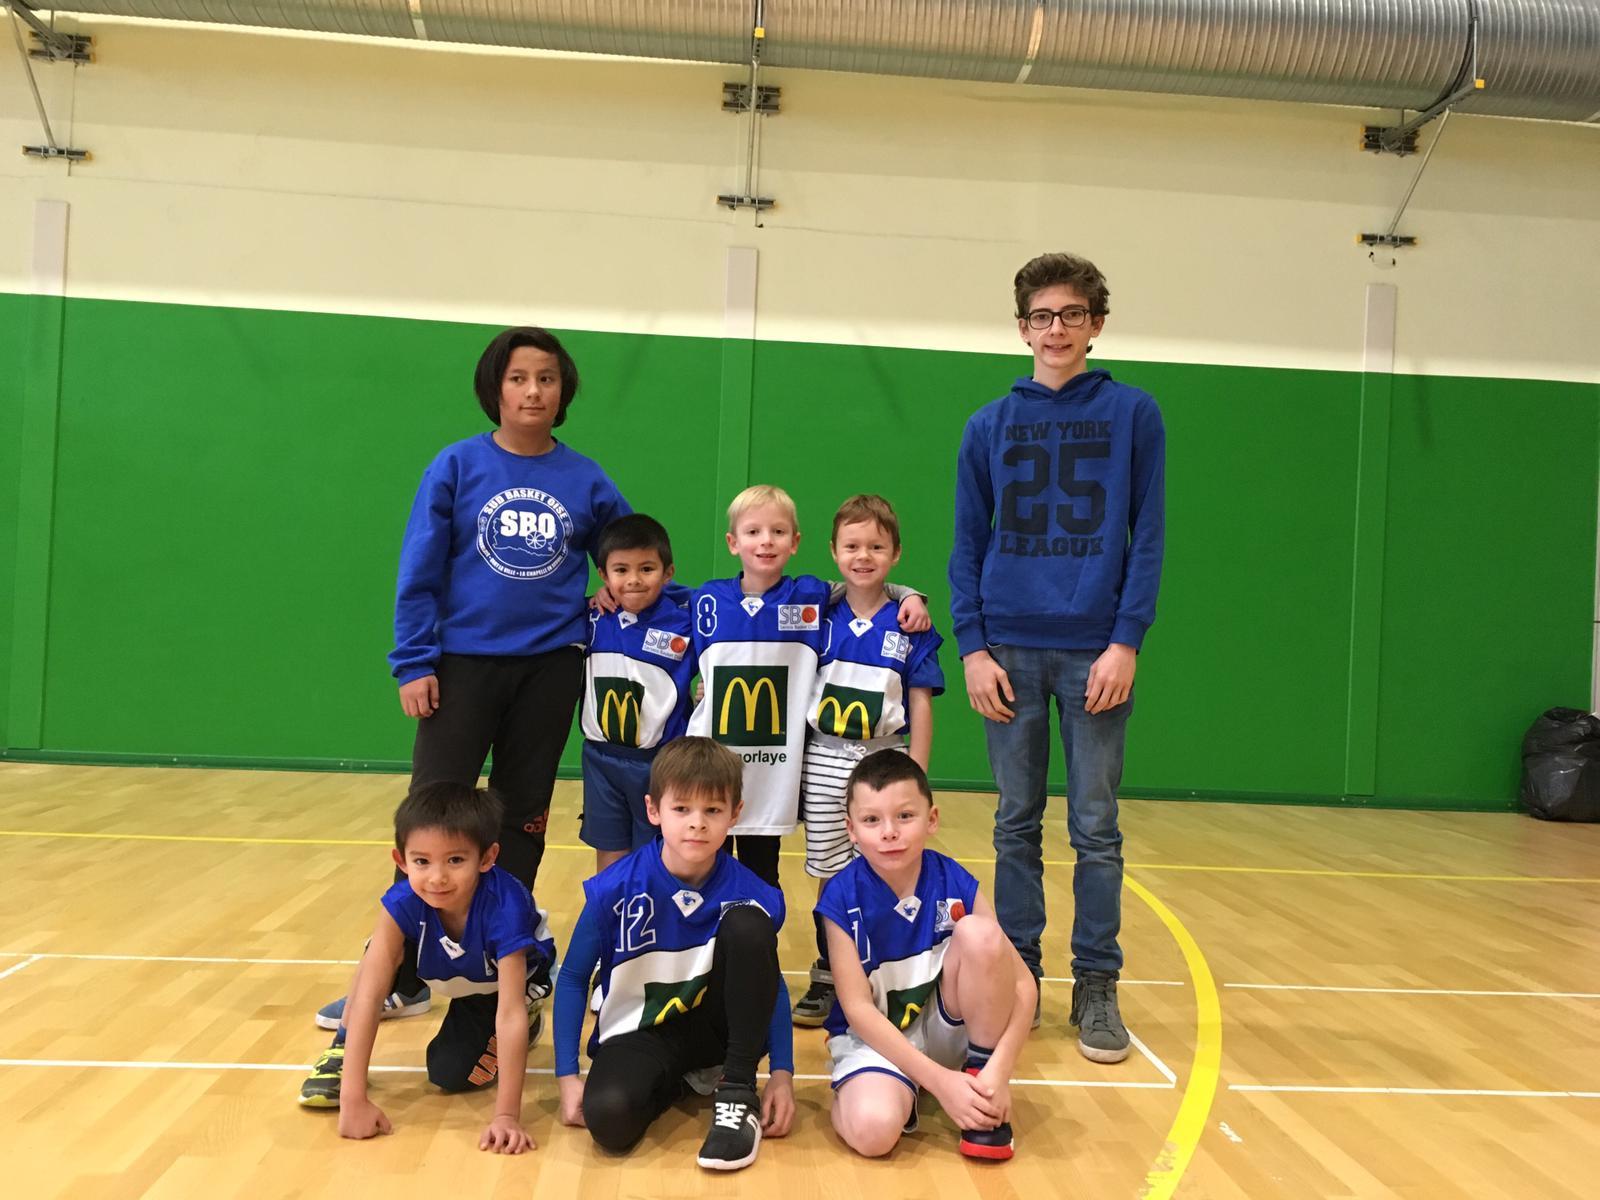 U7 Sud Basket Oise